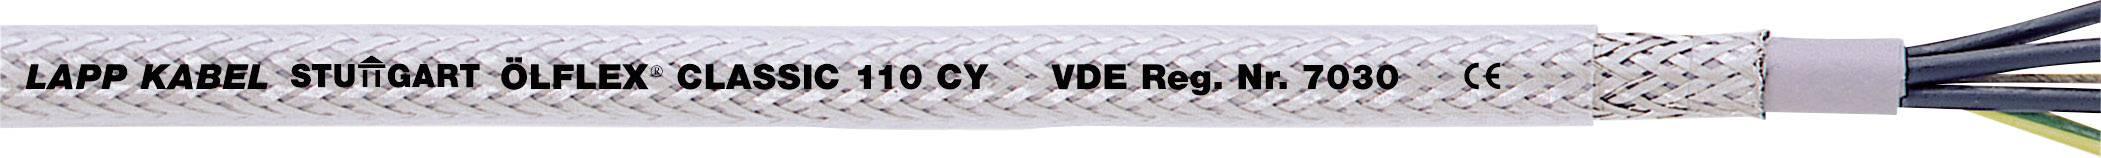 Řídicí kabel LAPP ÖLFLEX® CLASSIC 110 CY 1135307, 7 G 1.50 mm², vnější Ø 11.30 mm, transparentní, metrové zboží